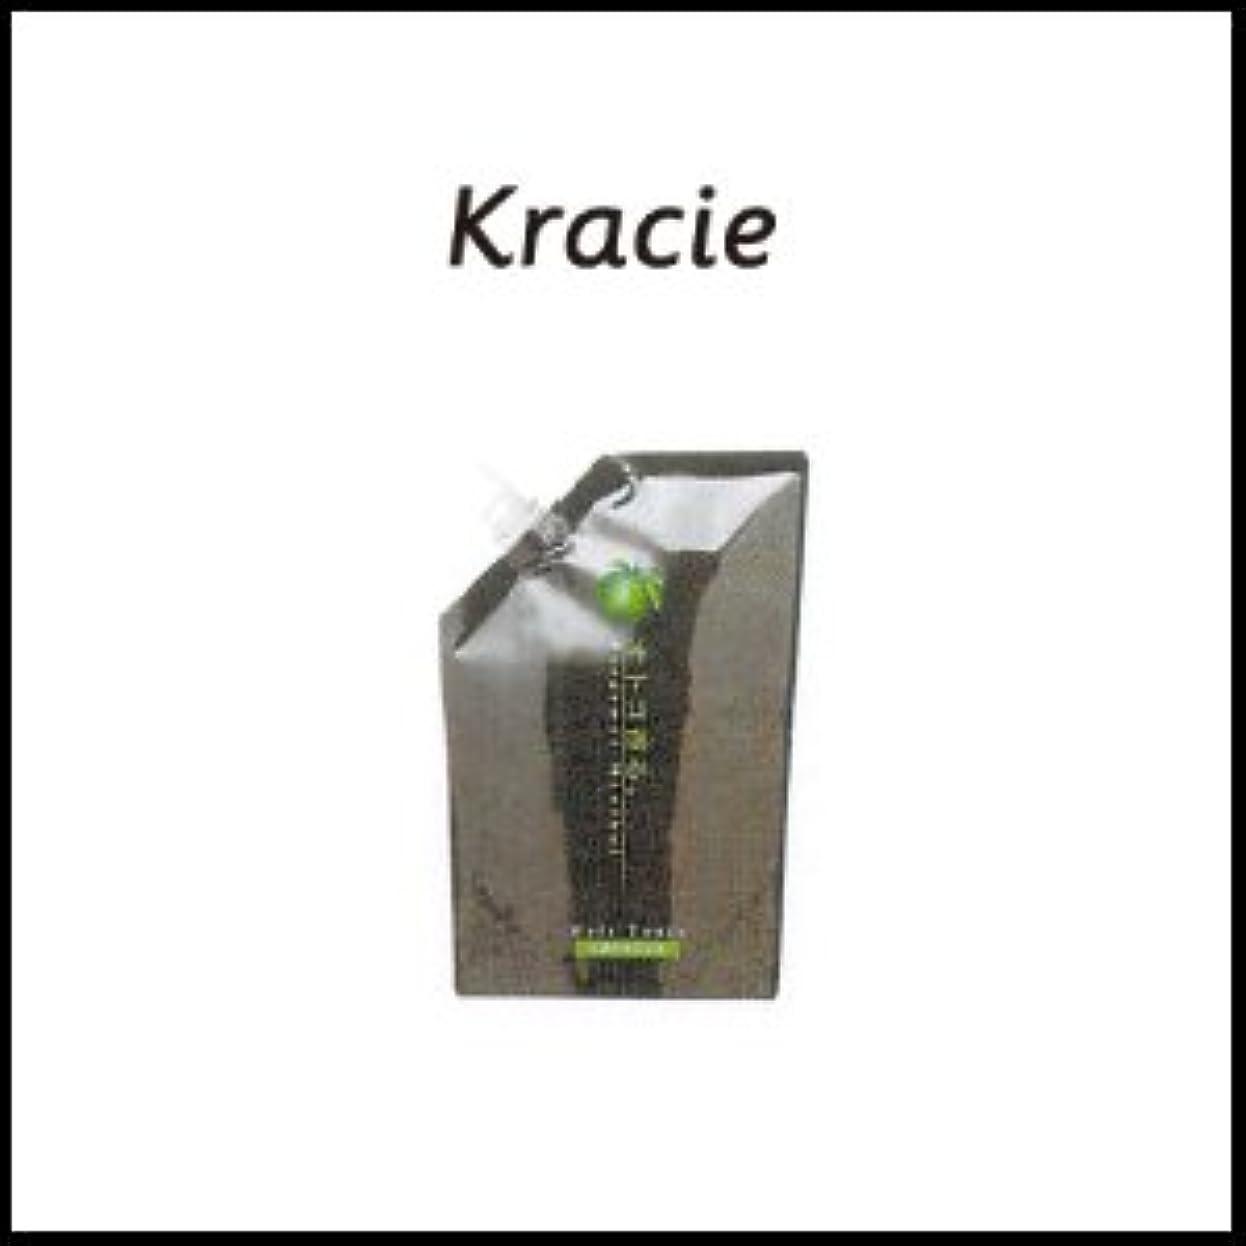 ギャップパテバス【X3個セット】 クラシエ オトコ香る トニック(ベルガモット) 500ml 詰替え用(レフィル)